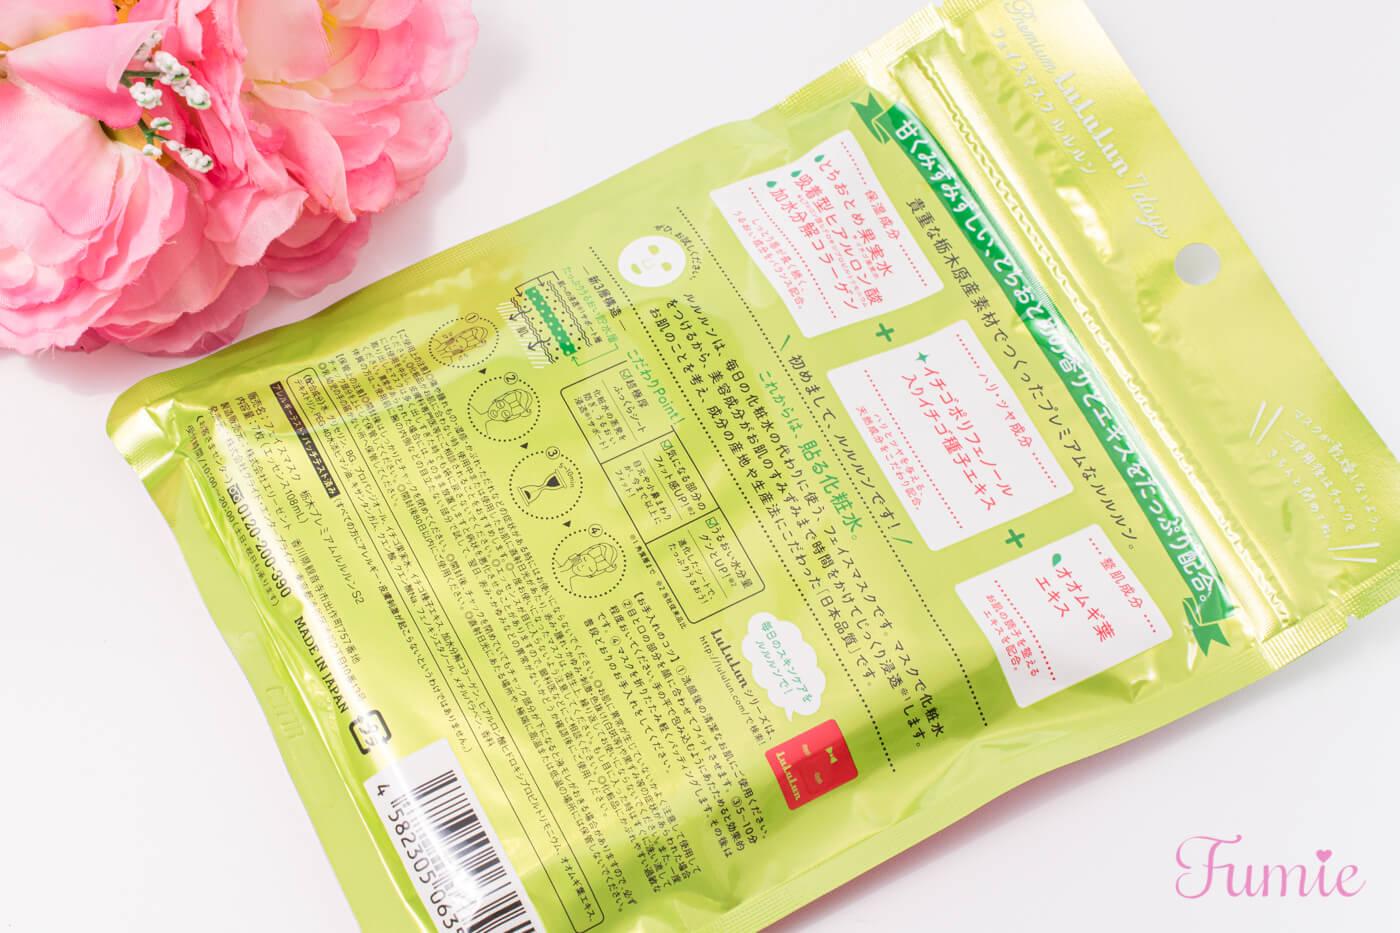 栃木のプレミアムルルルン(とちおとめの香り) 7枚入りパッケージ裏面